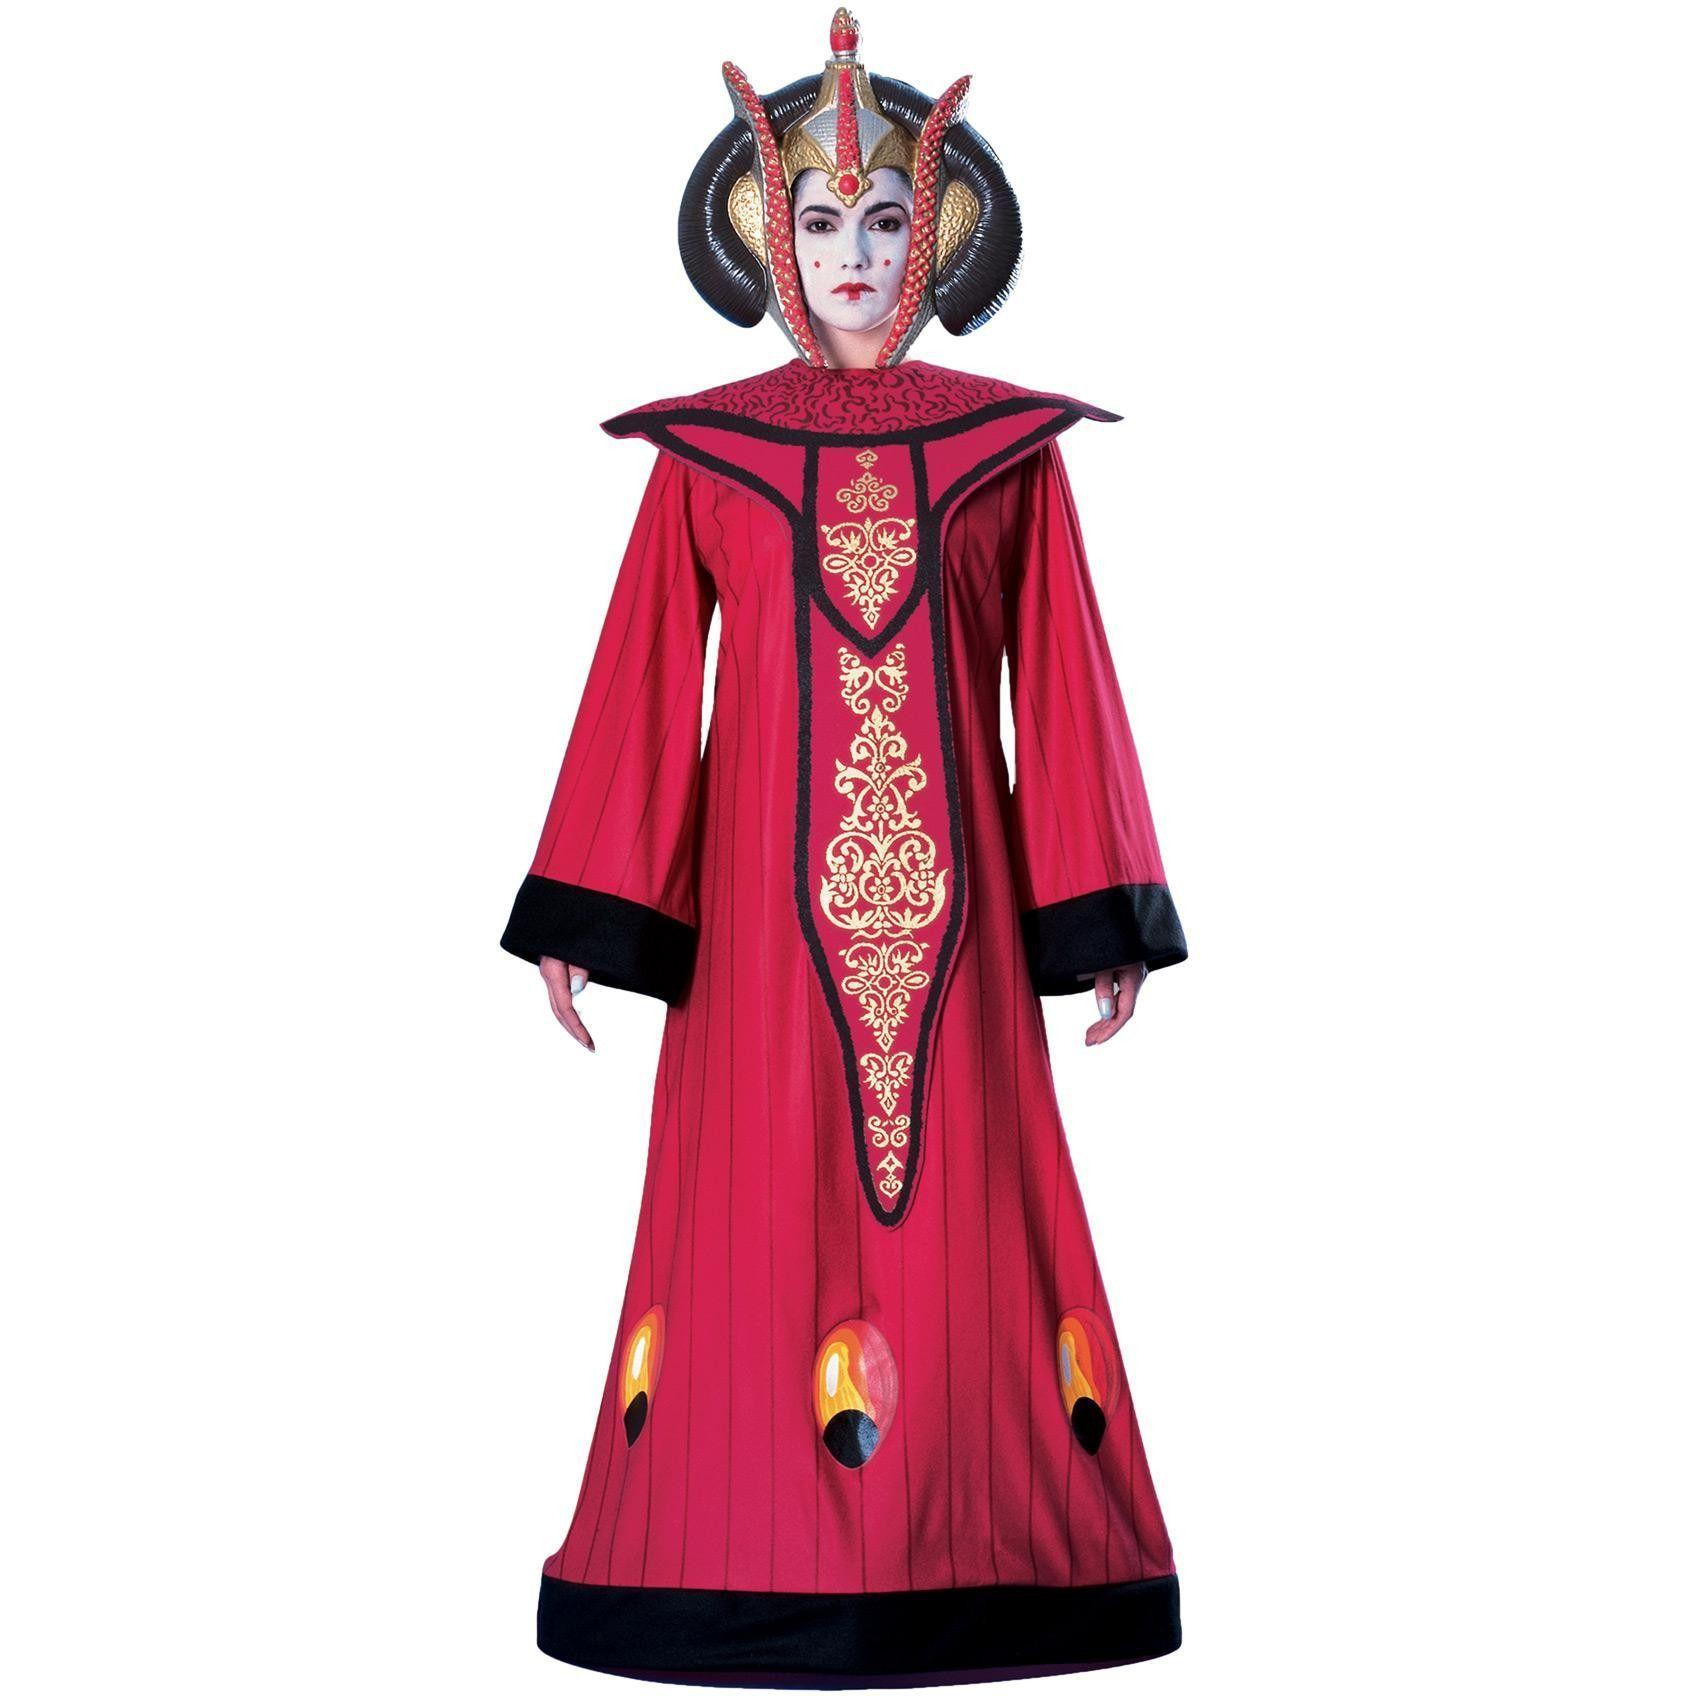 Queen Amidala Deluxe Adult Std